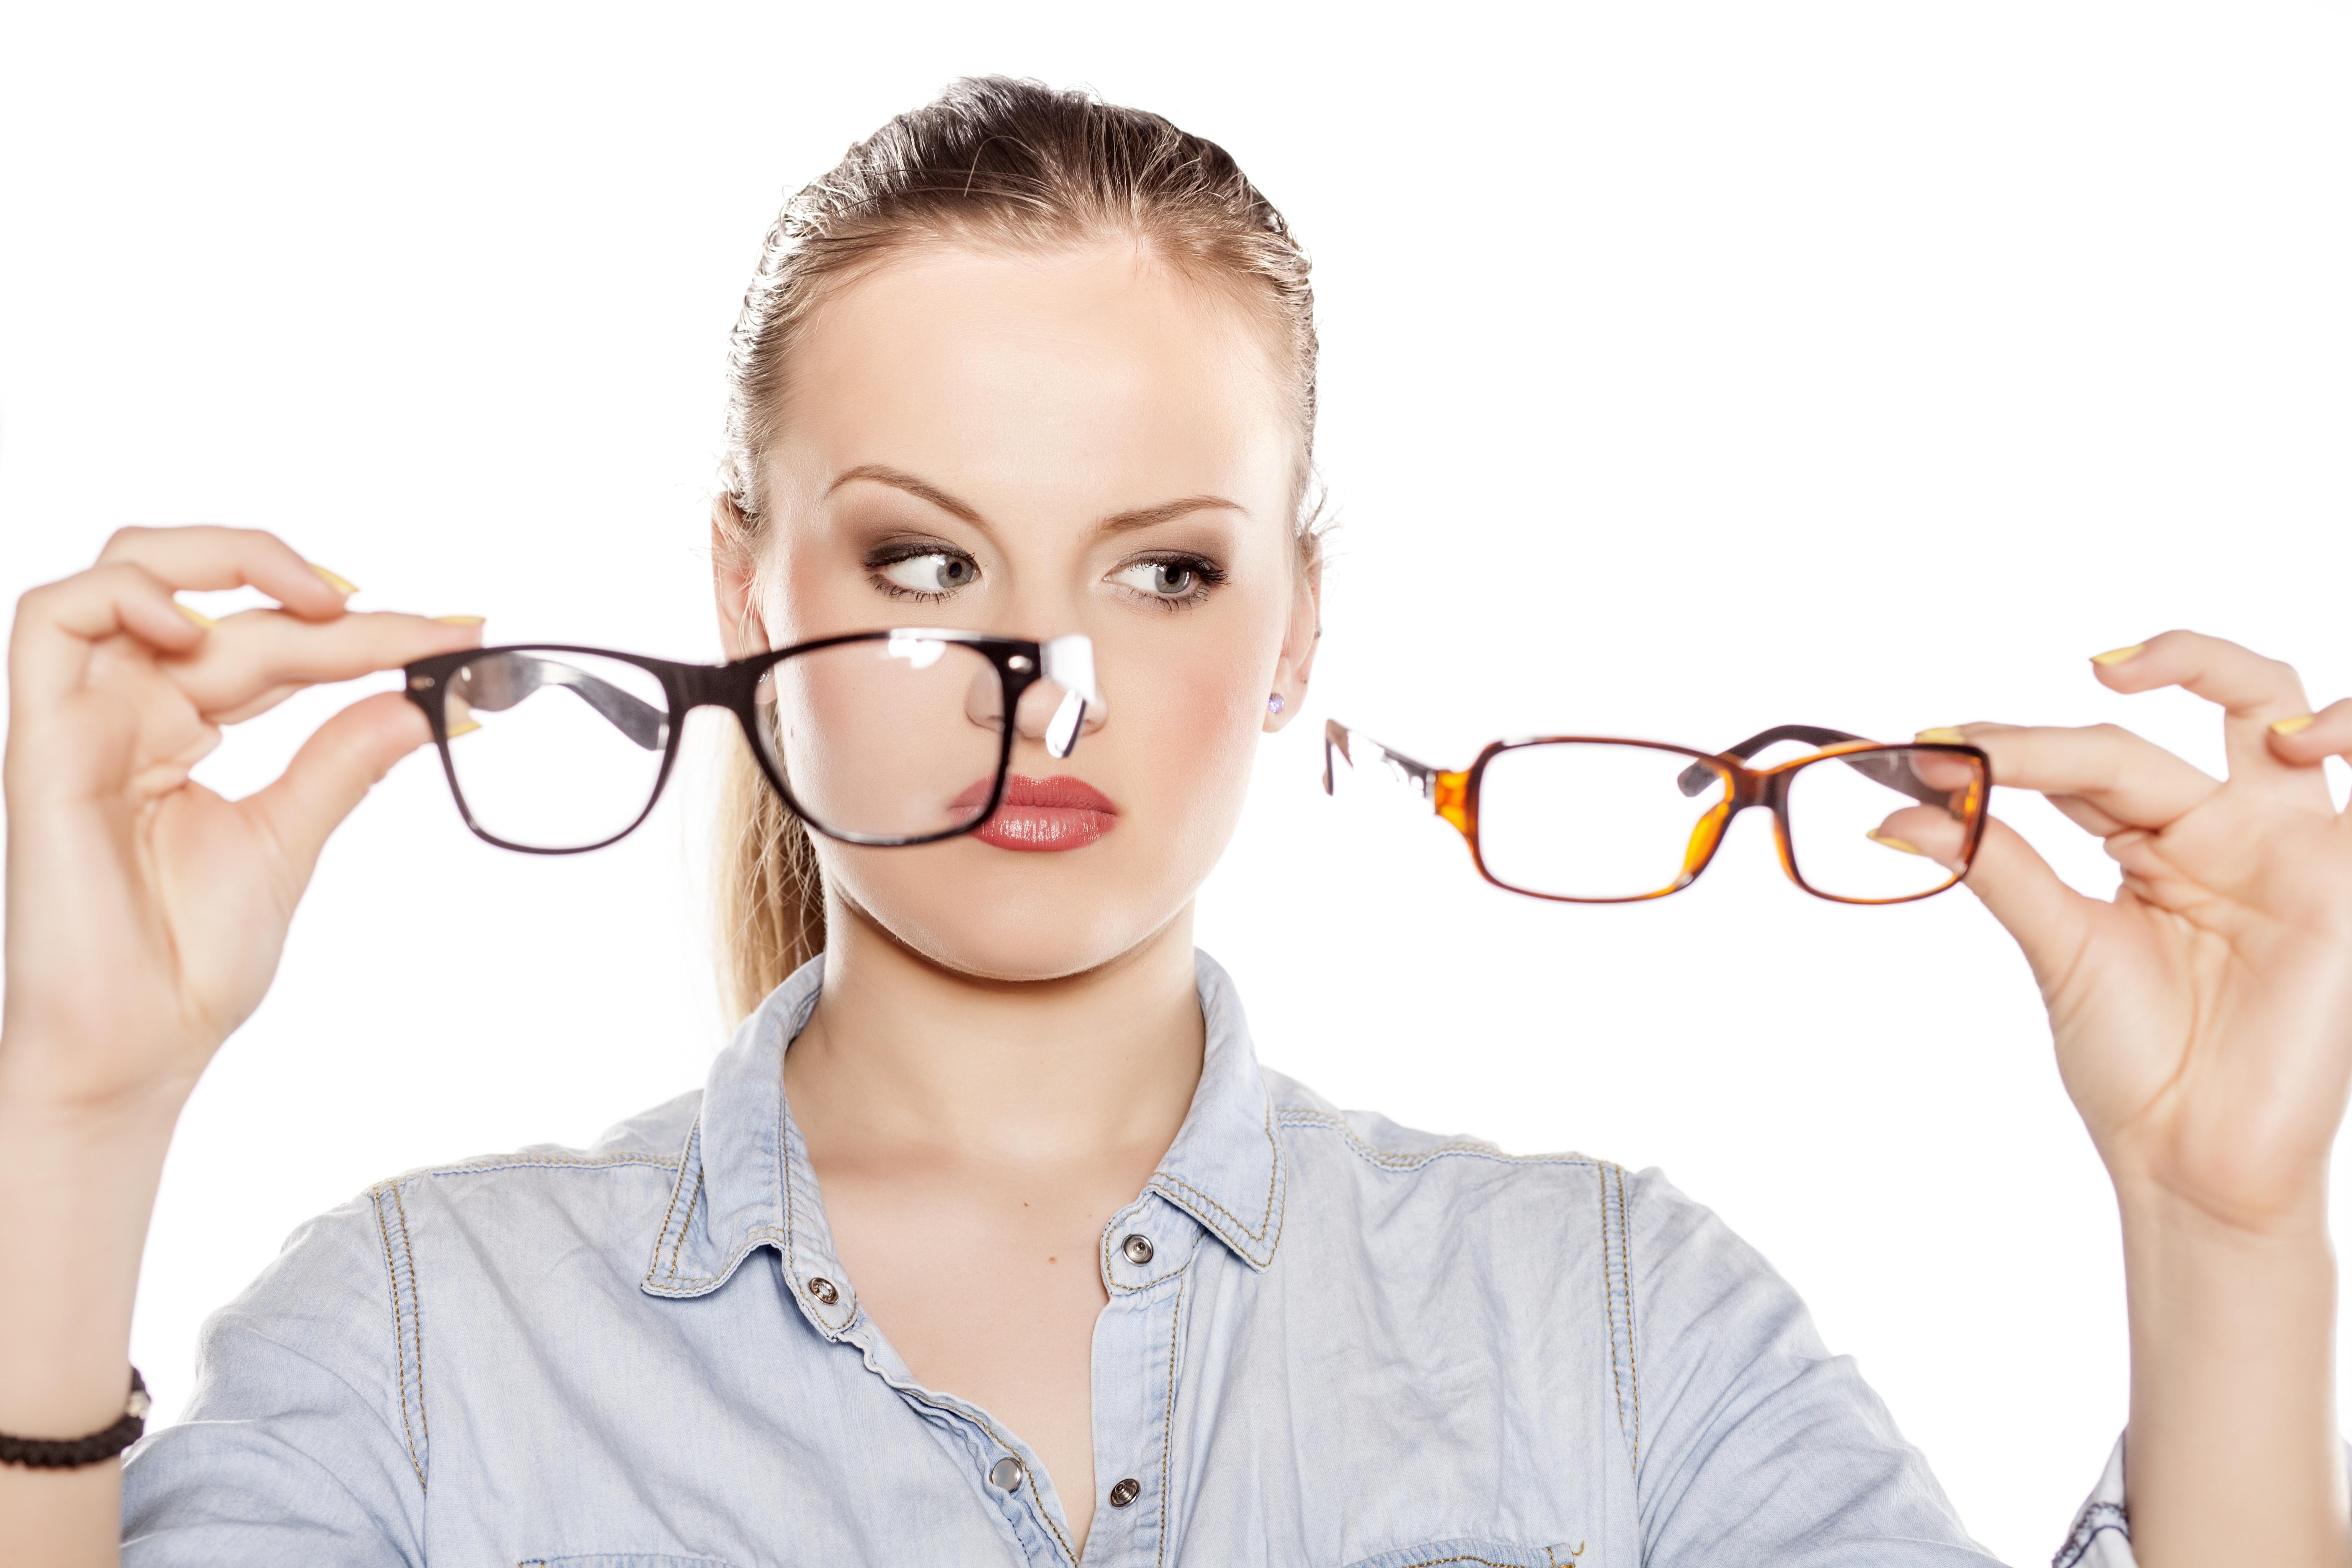 Come Ciaroni ti aiuta a scegliere l'occhiale giusto per te